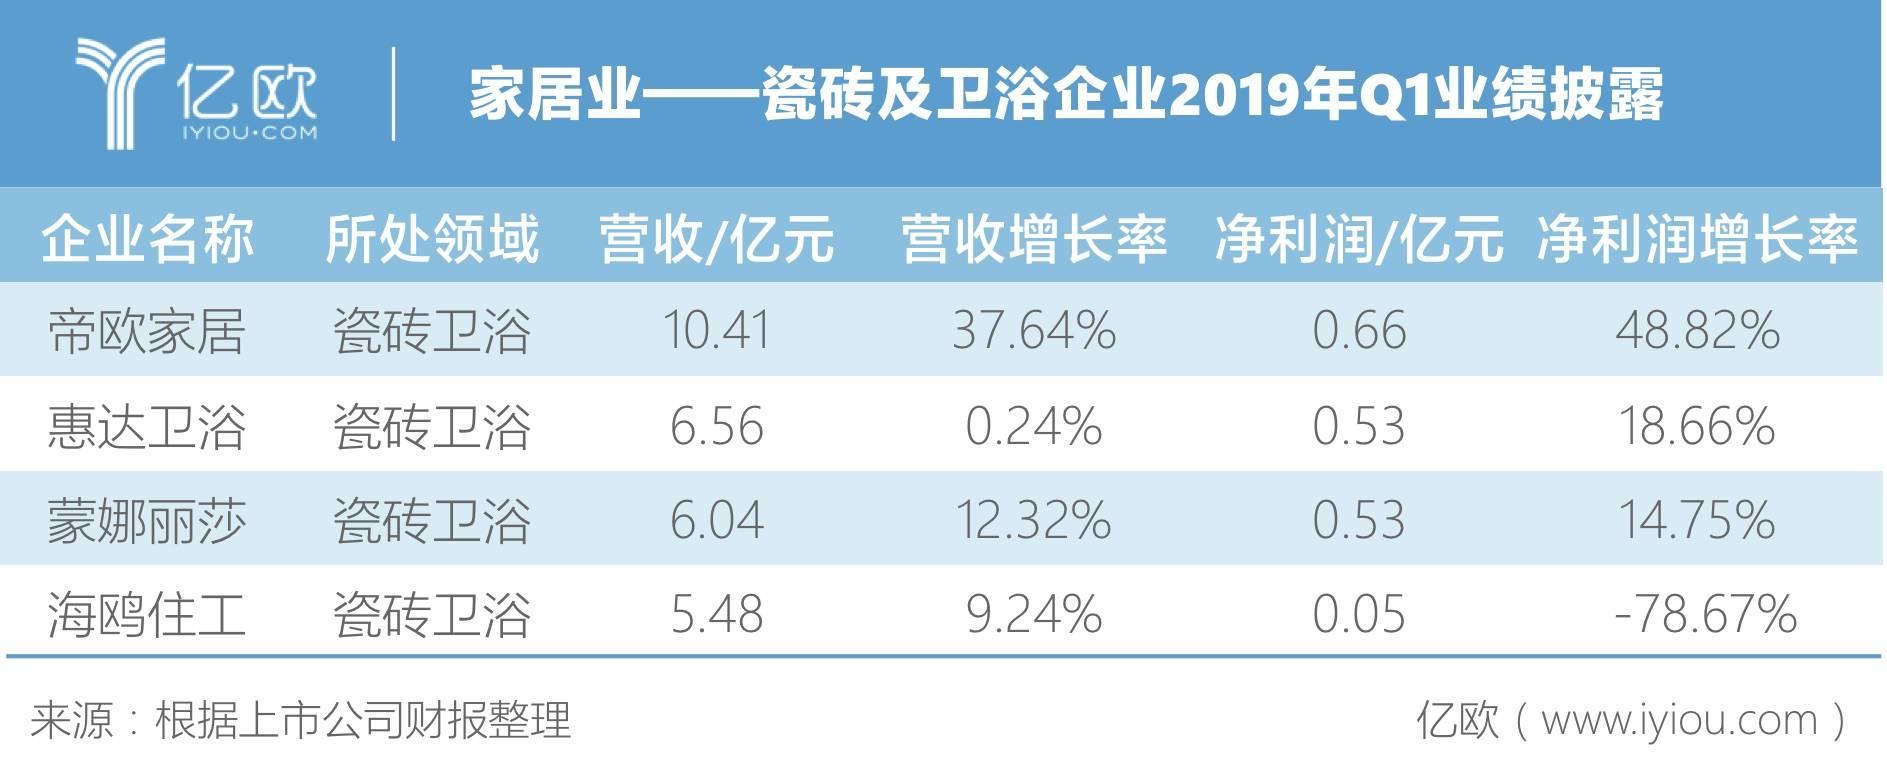 瓷砖及卫浴企业2019年Q1业绩披露